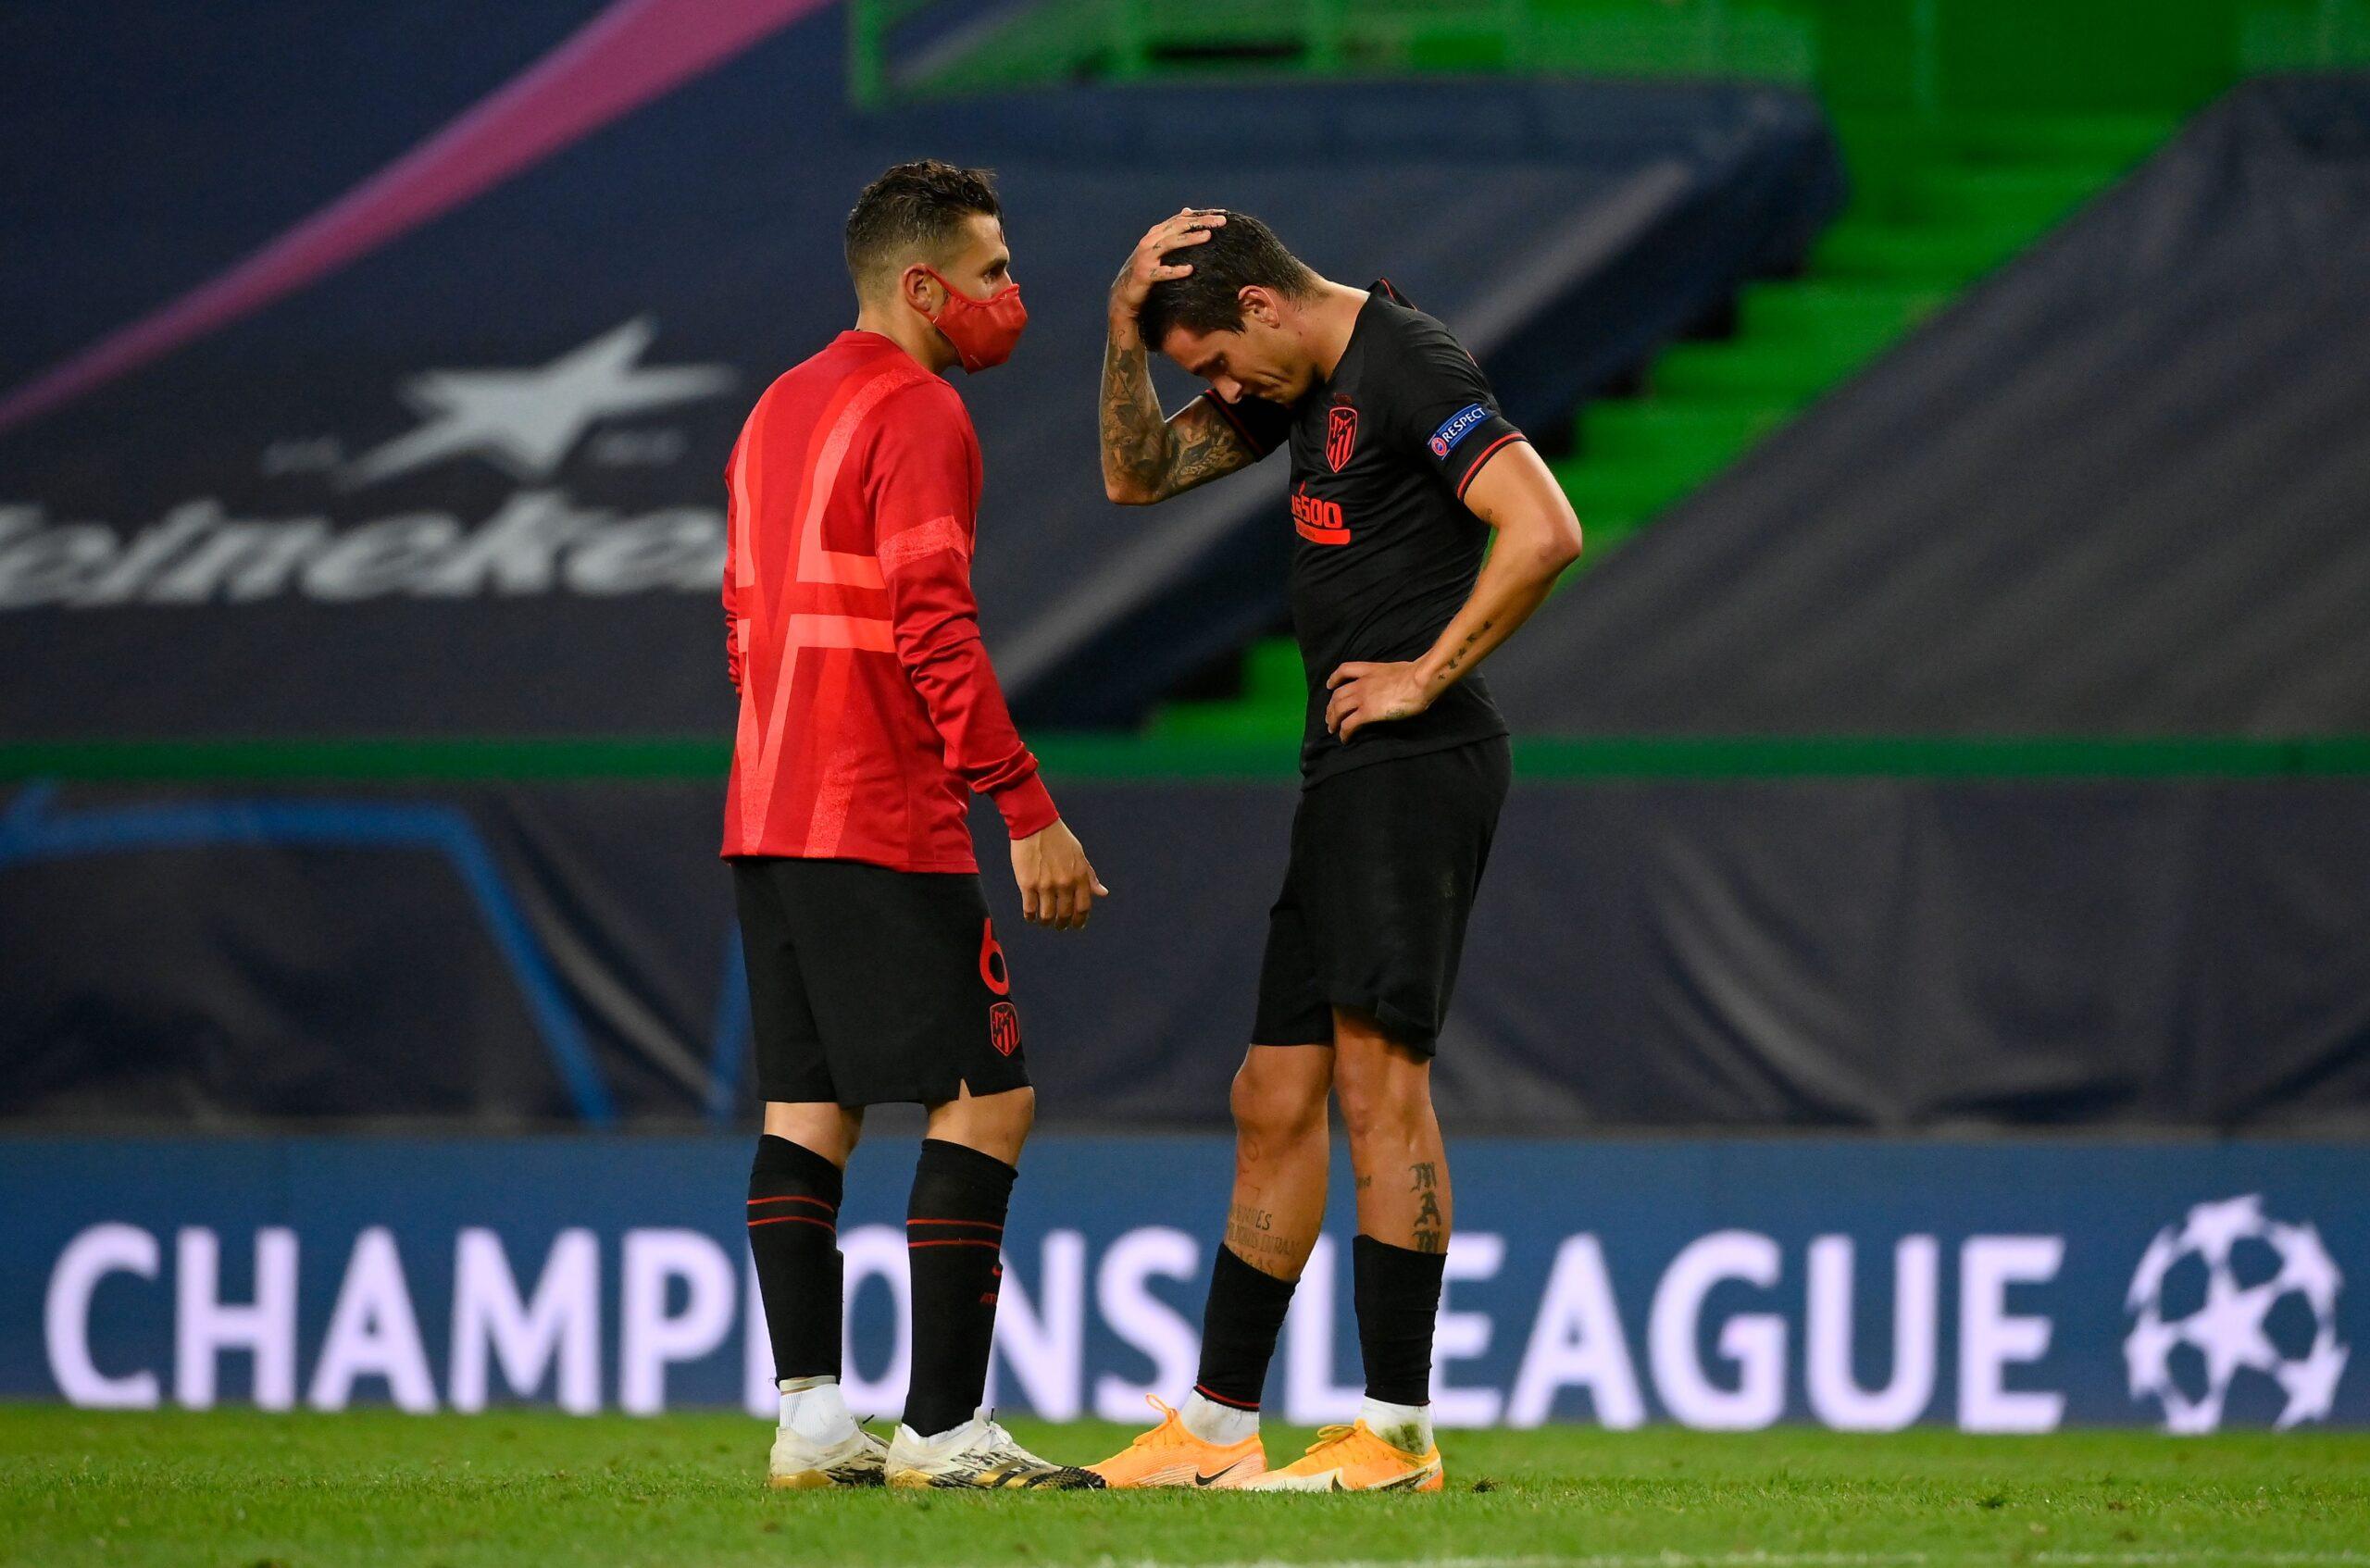 La afición del Atlético tiene claro qué hacer con Giménez